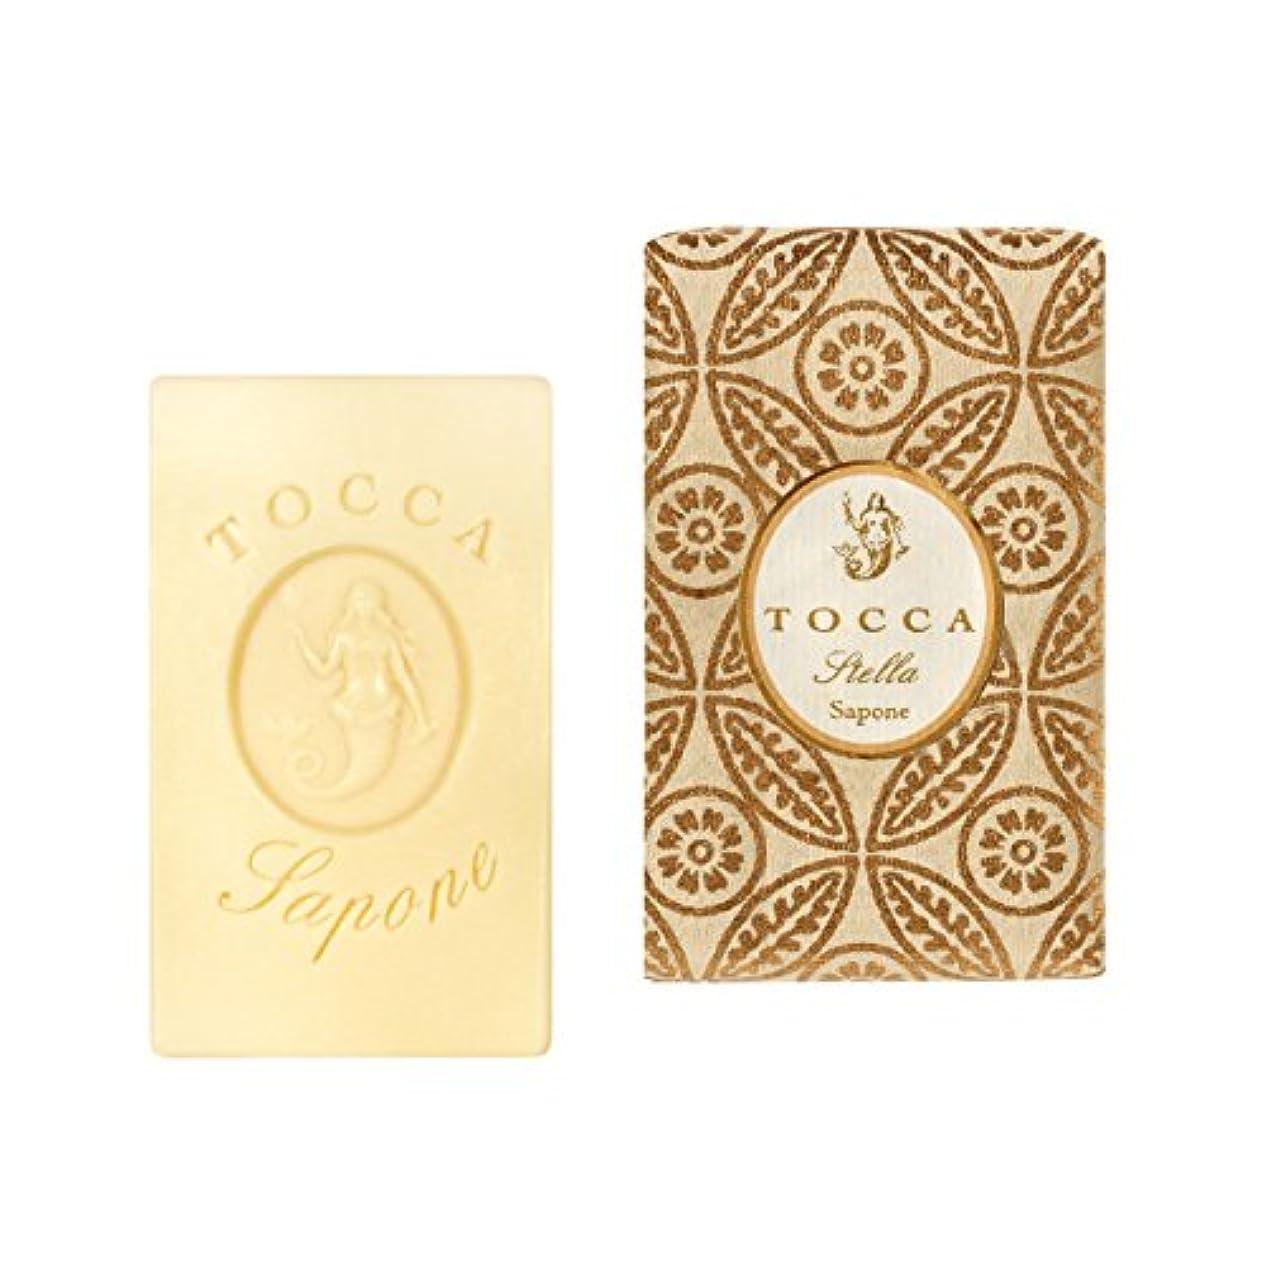 家事をする手従うトッカ(TOCCA) ソープバー ステラの香り 113g(石けん 化粧石けん イタリアンブラッドオレンジが奏でるフレッシュでビターな爽やかさ漂う香り)